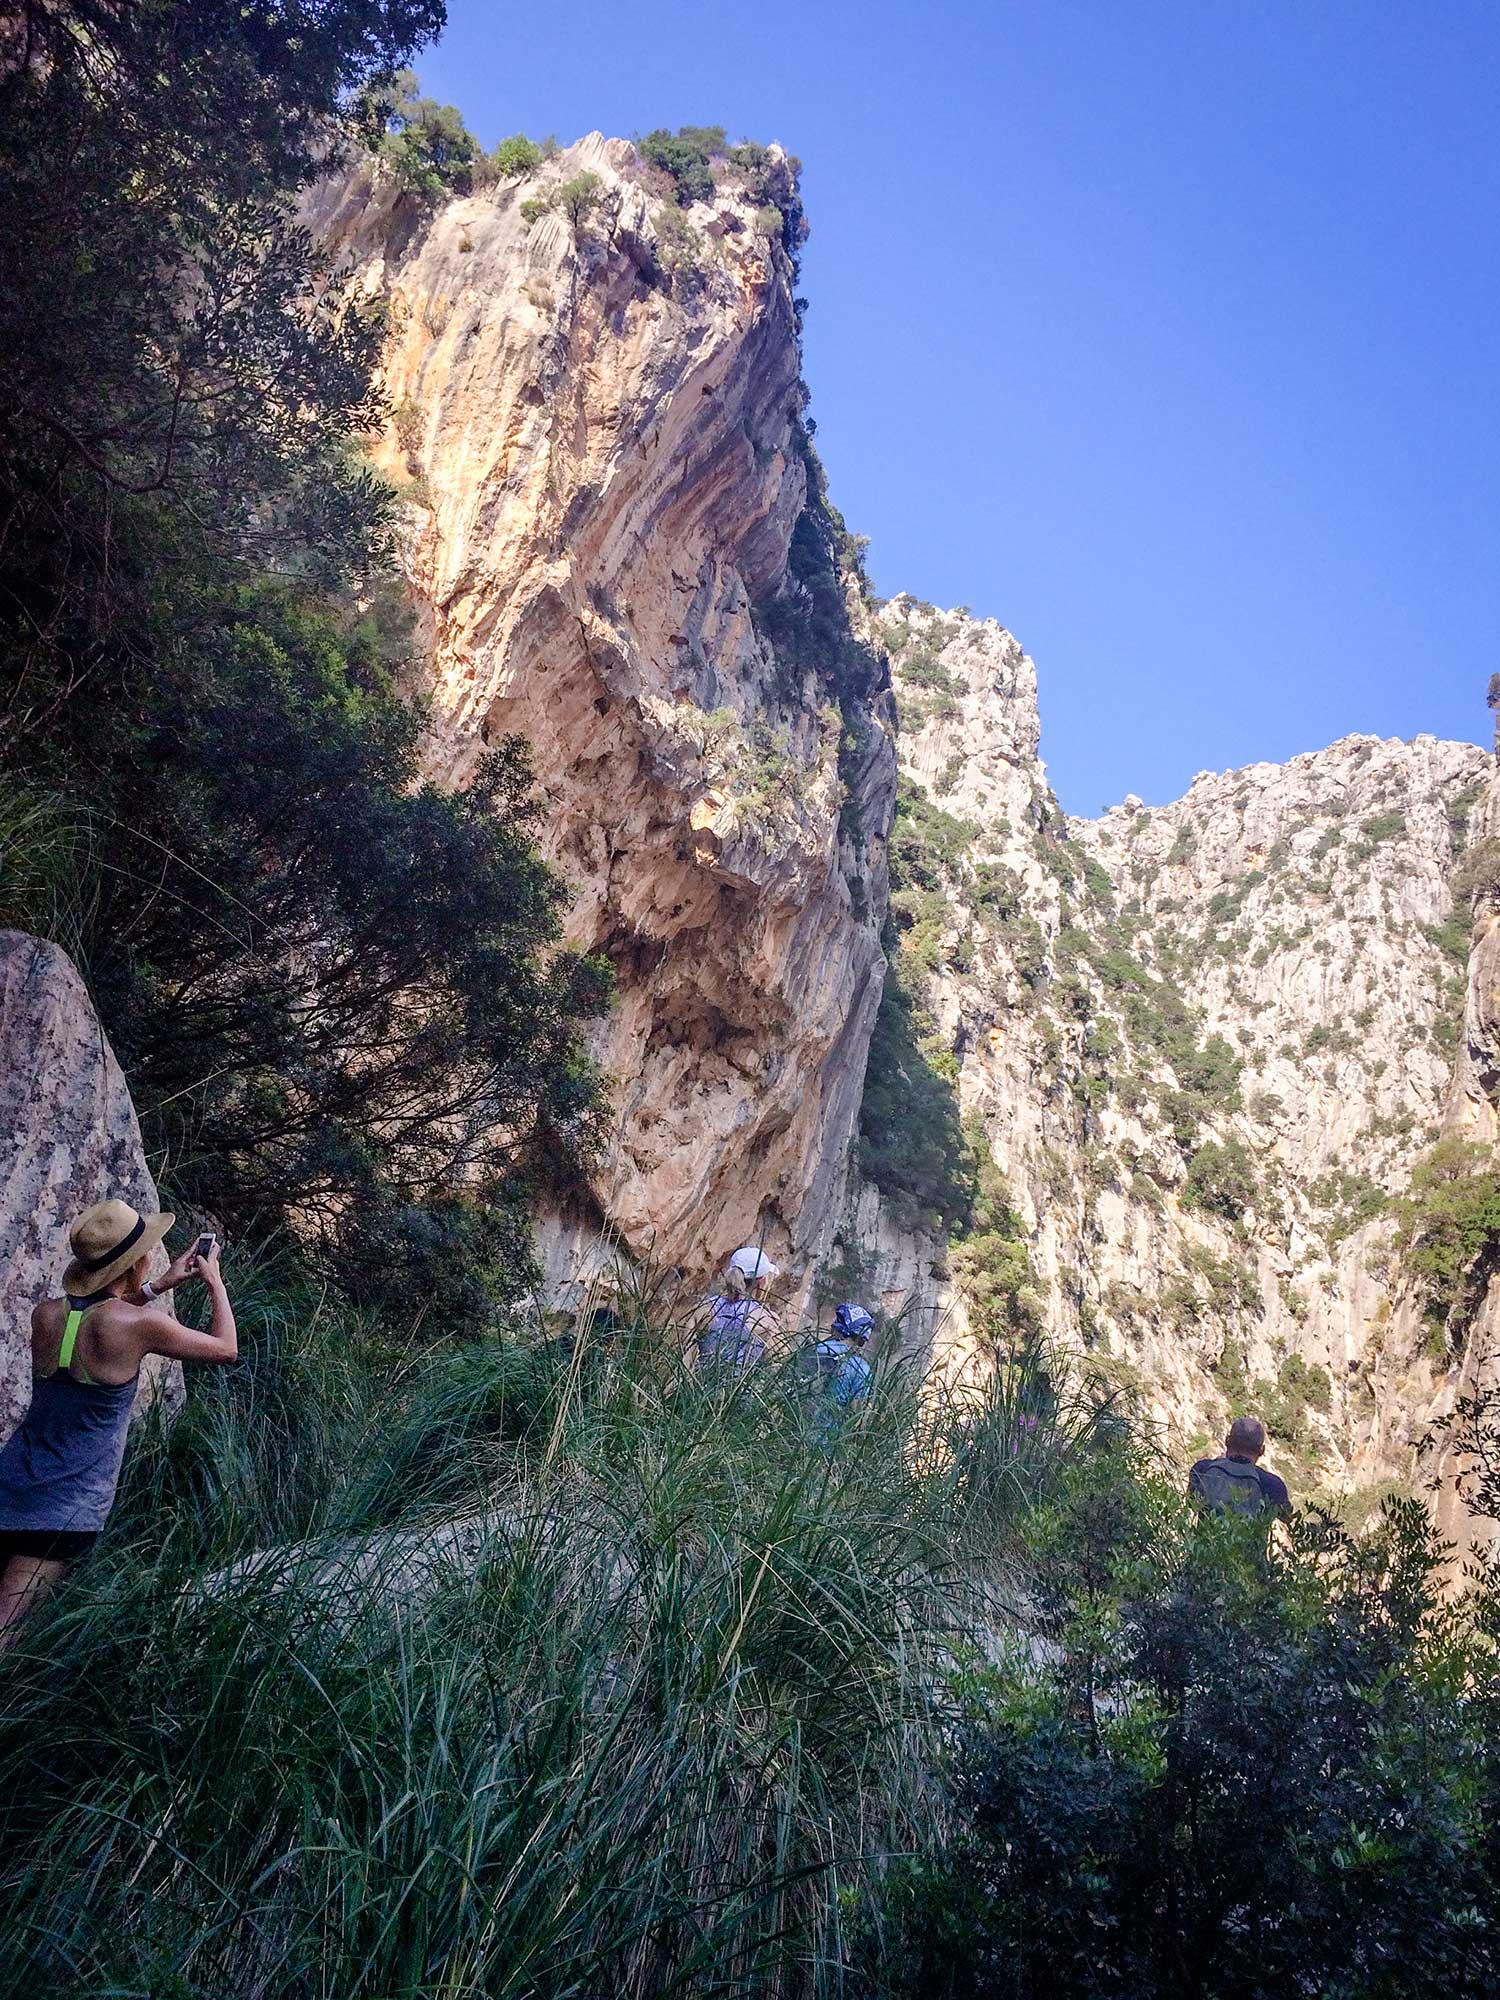 TDP-28-cliffs-loom-overhead-torrent-de-pareis-mallorca-day-hike.jpg